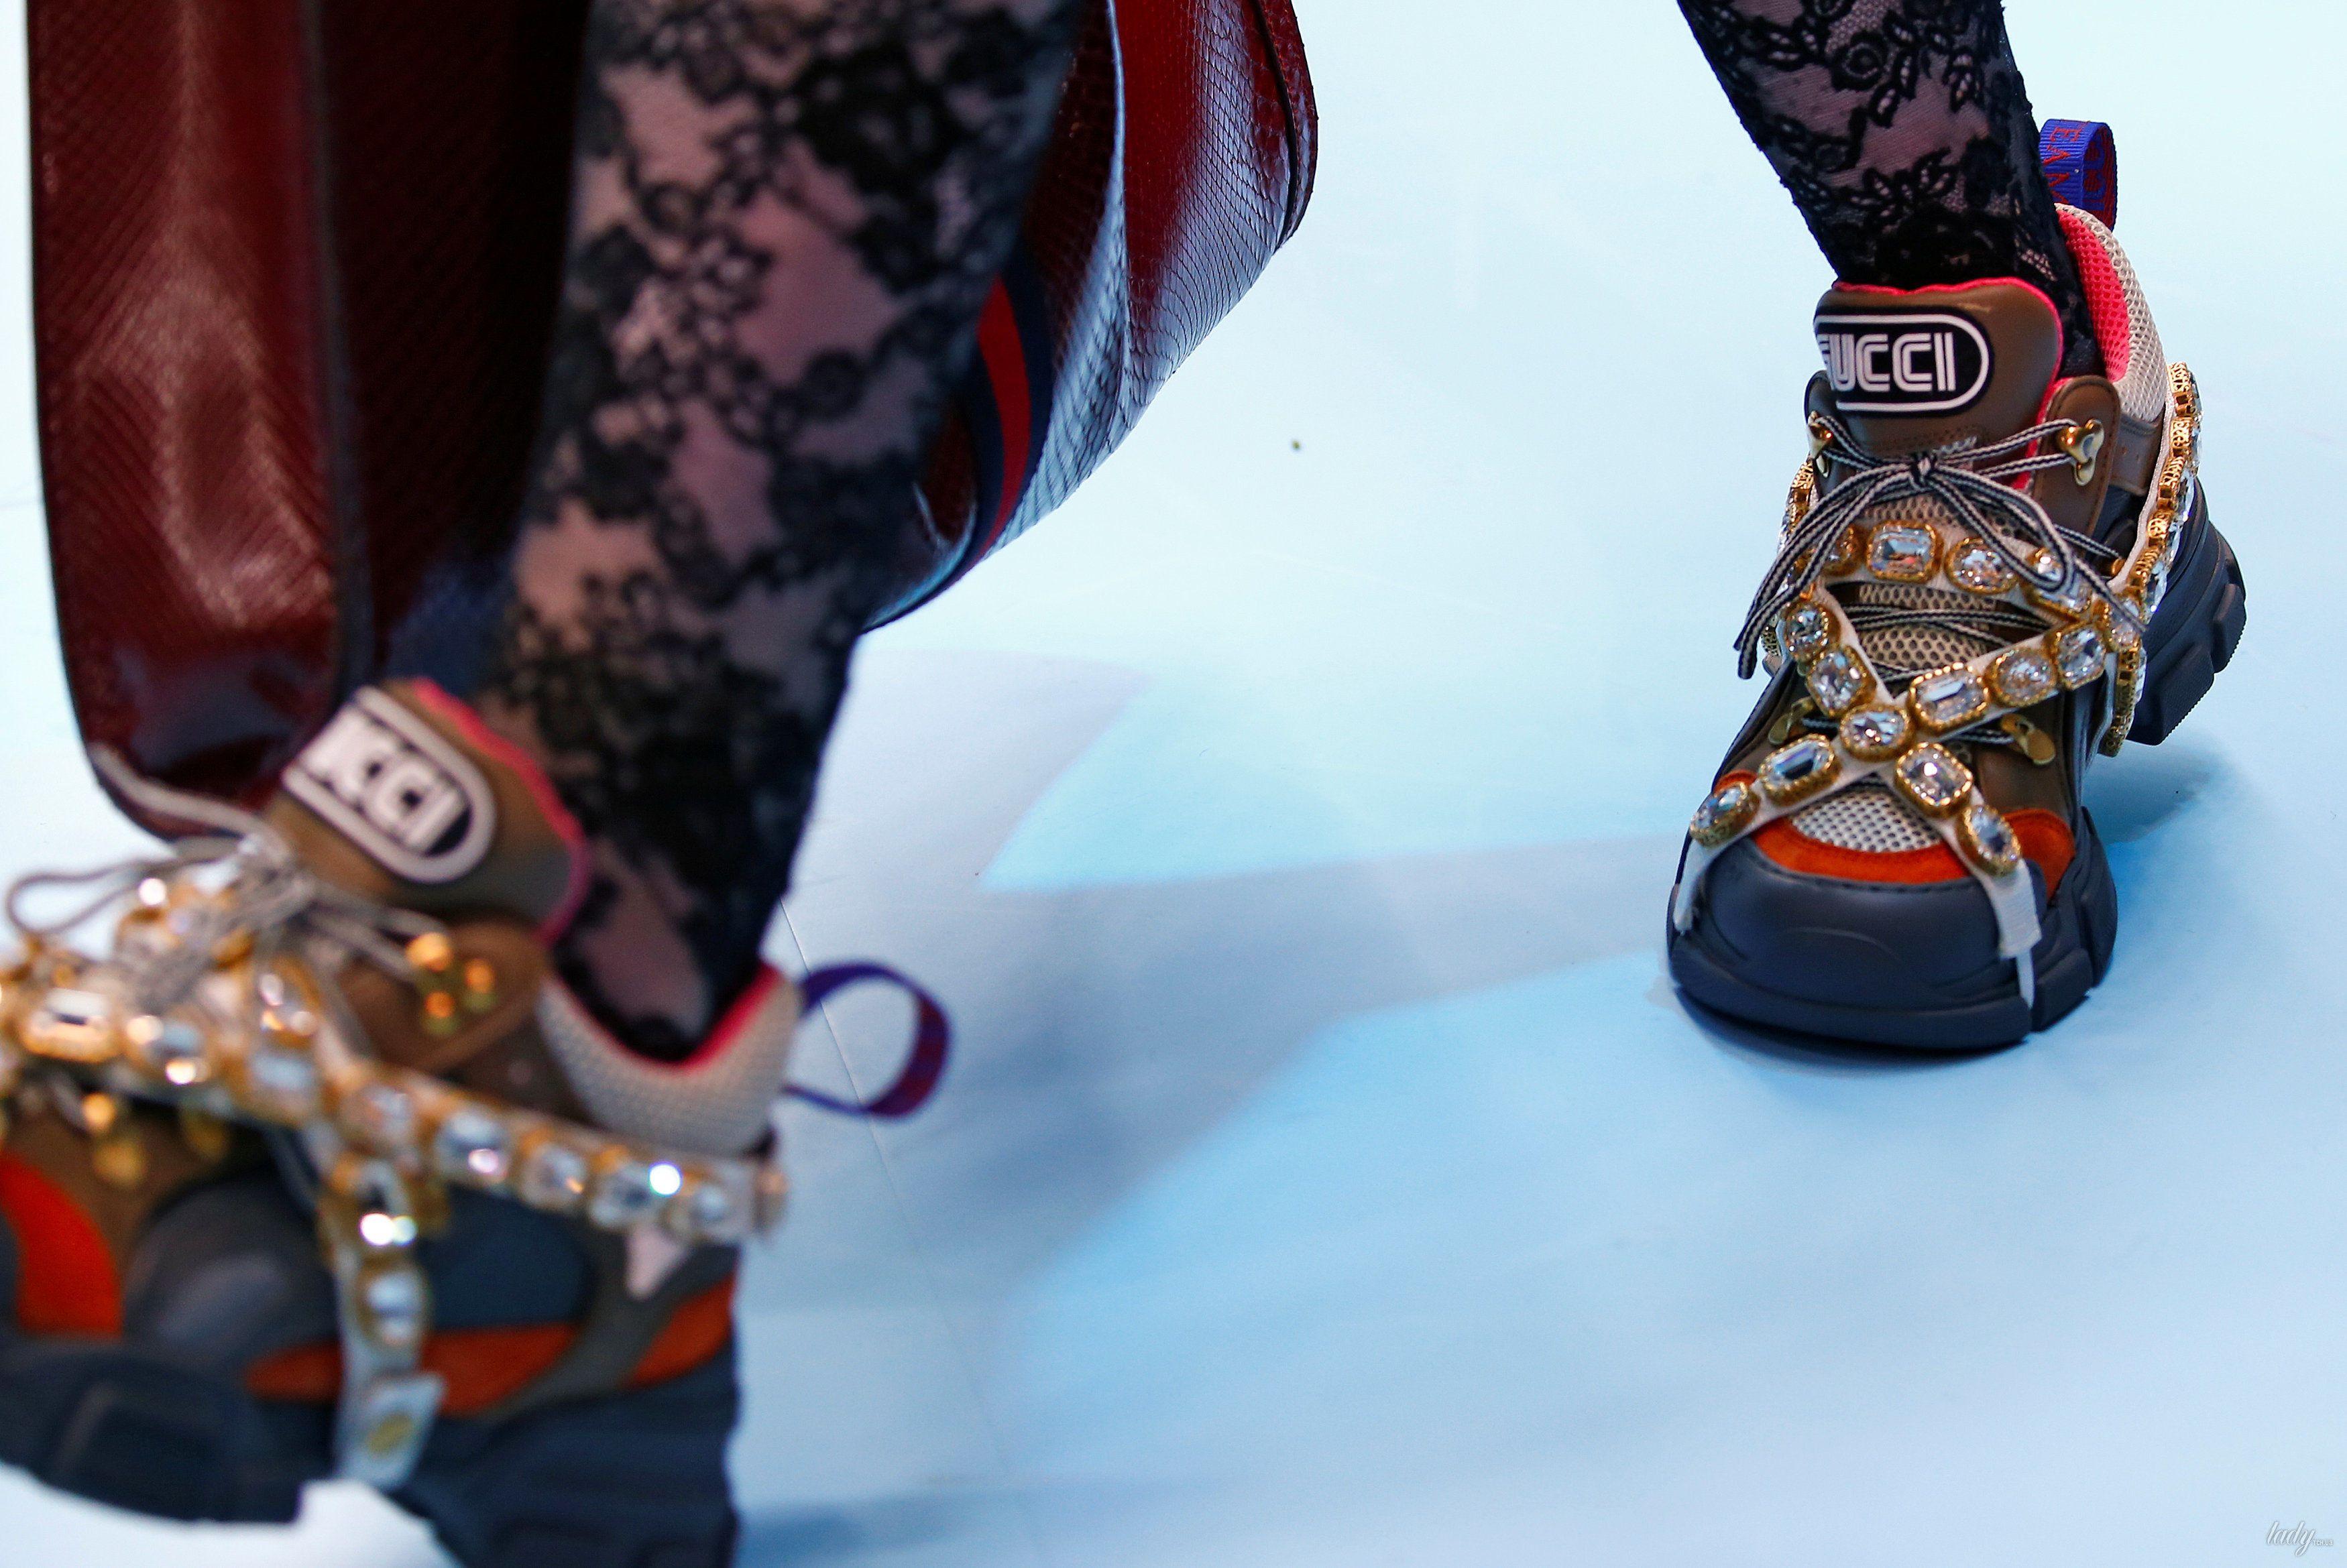 Показ коллекции бренда Gucci в Милане_6